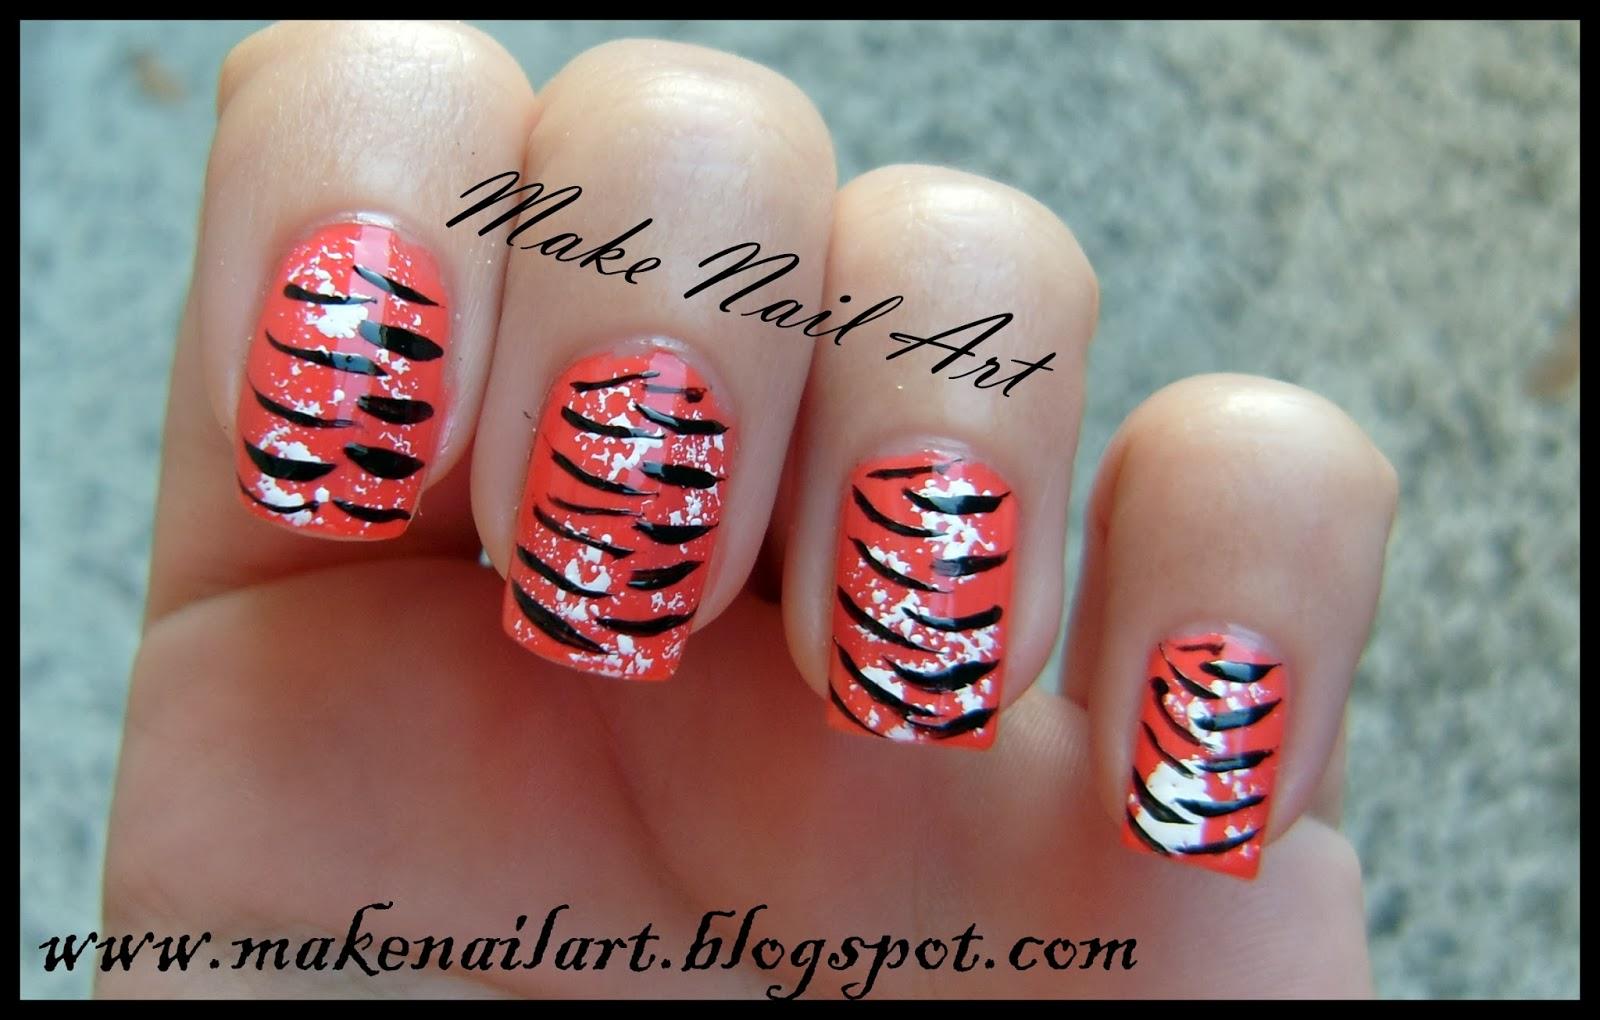 Make nail art october 2013 tiger print nail art tutorial prinsesfo Image collections